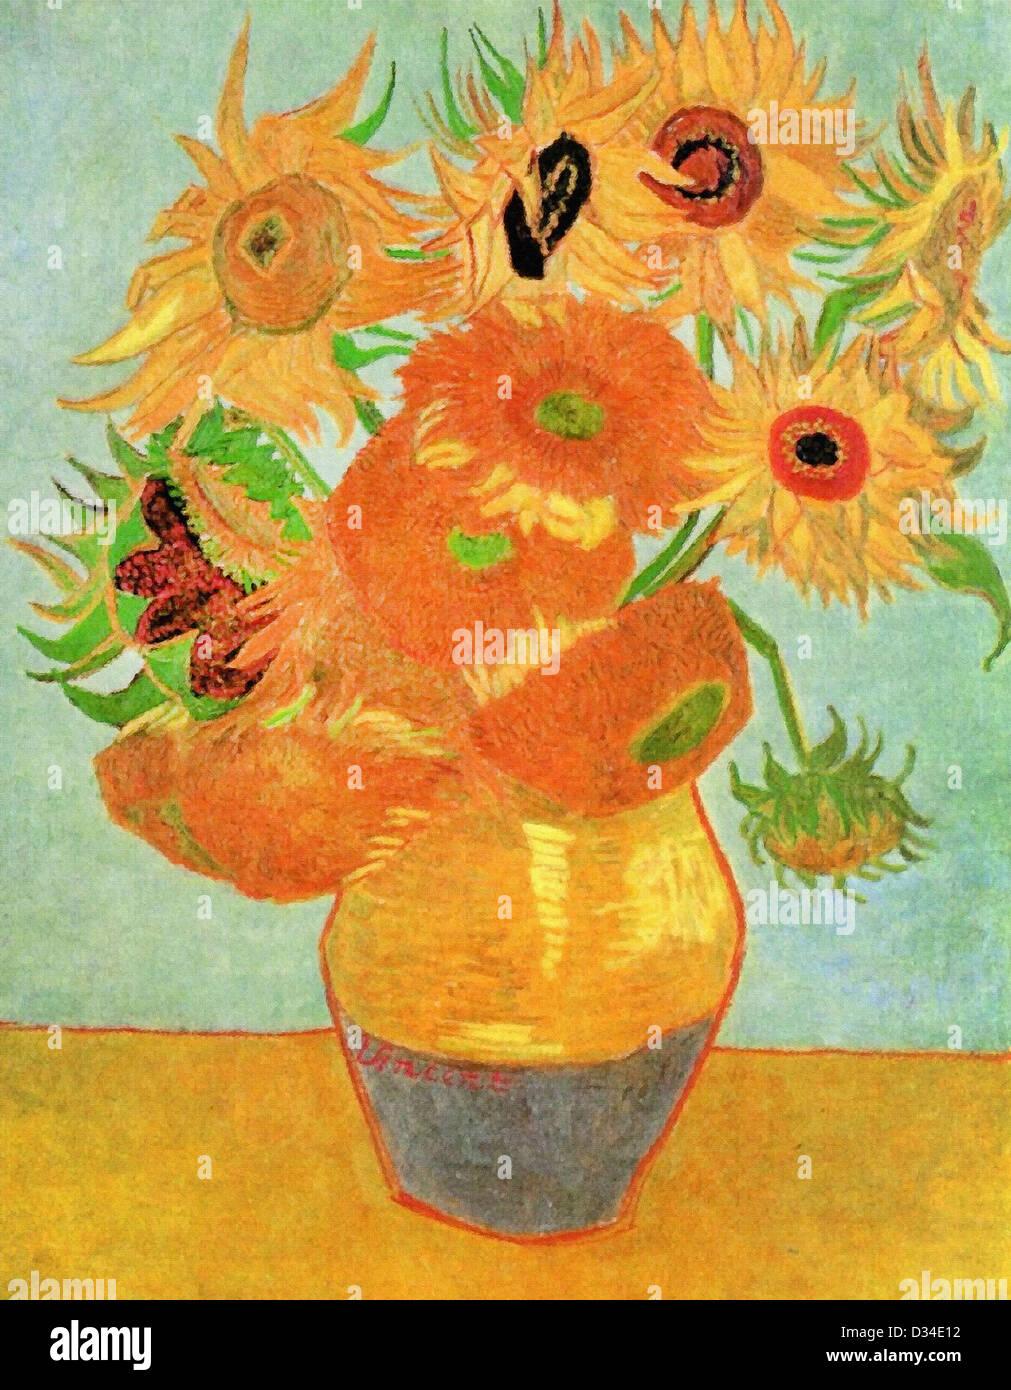 Vincent van Gogh, Still Life Vase avec douze Tournesols . 1889. Le postimpressionnisme. Huile sur toile. Philadelphia Photo Stock